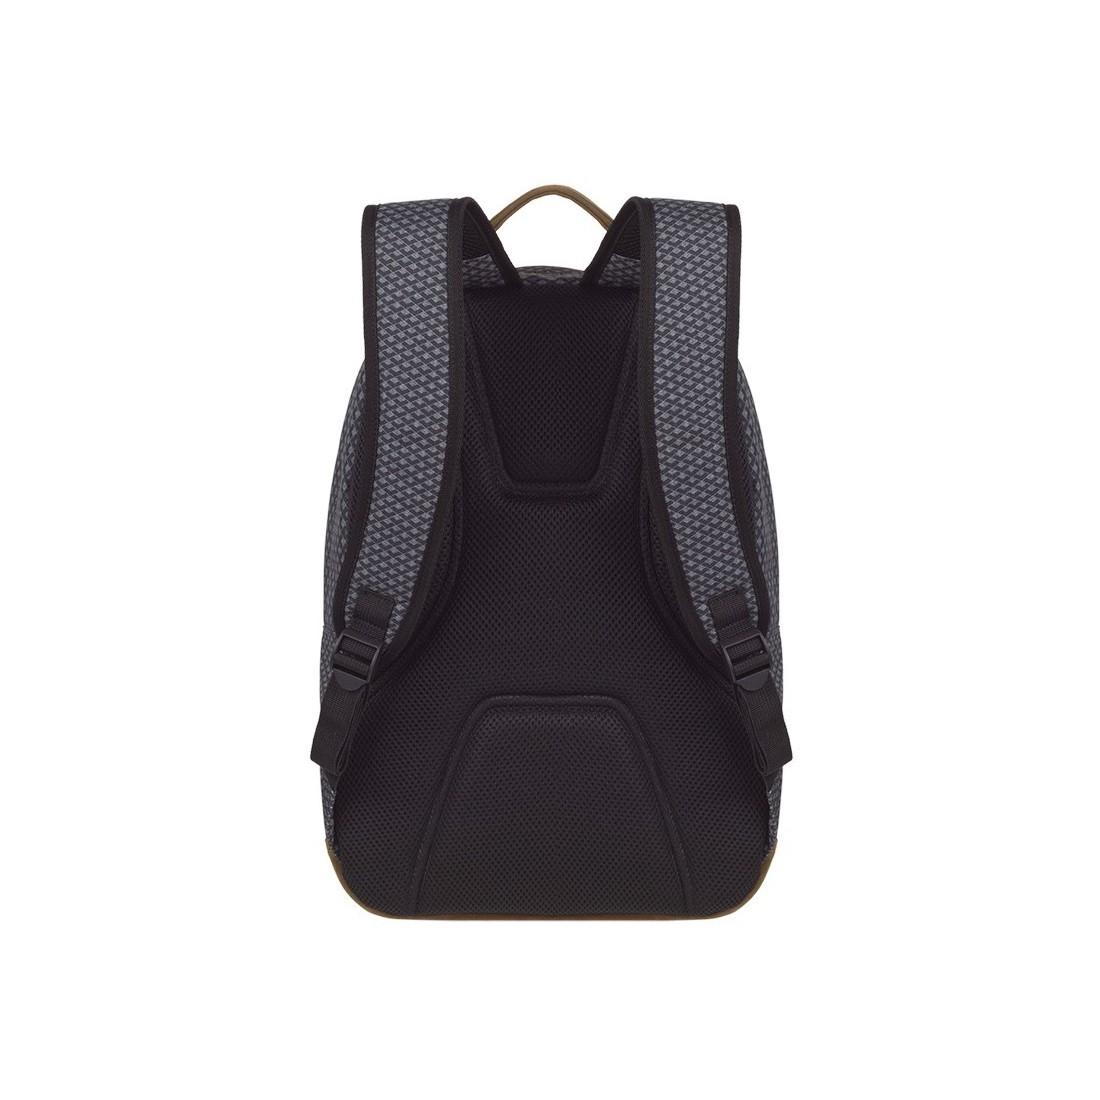 Plecak młodzieżowy CoolPack CP SCOUT DARK GREY NET ciemna szarość anatomicznie profilowane plecy - A122